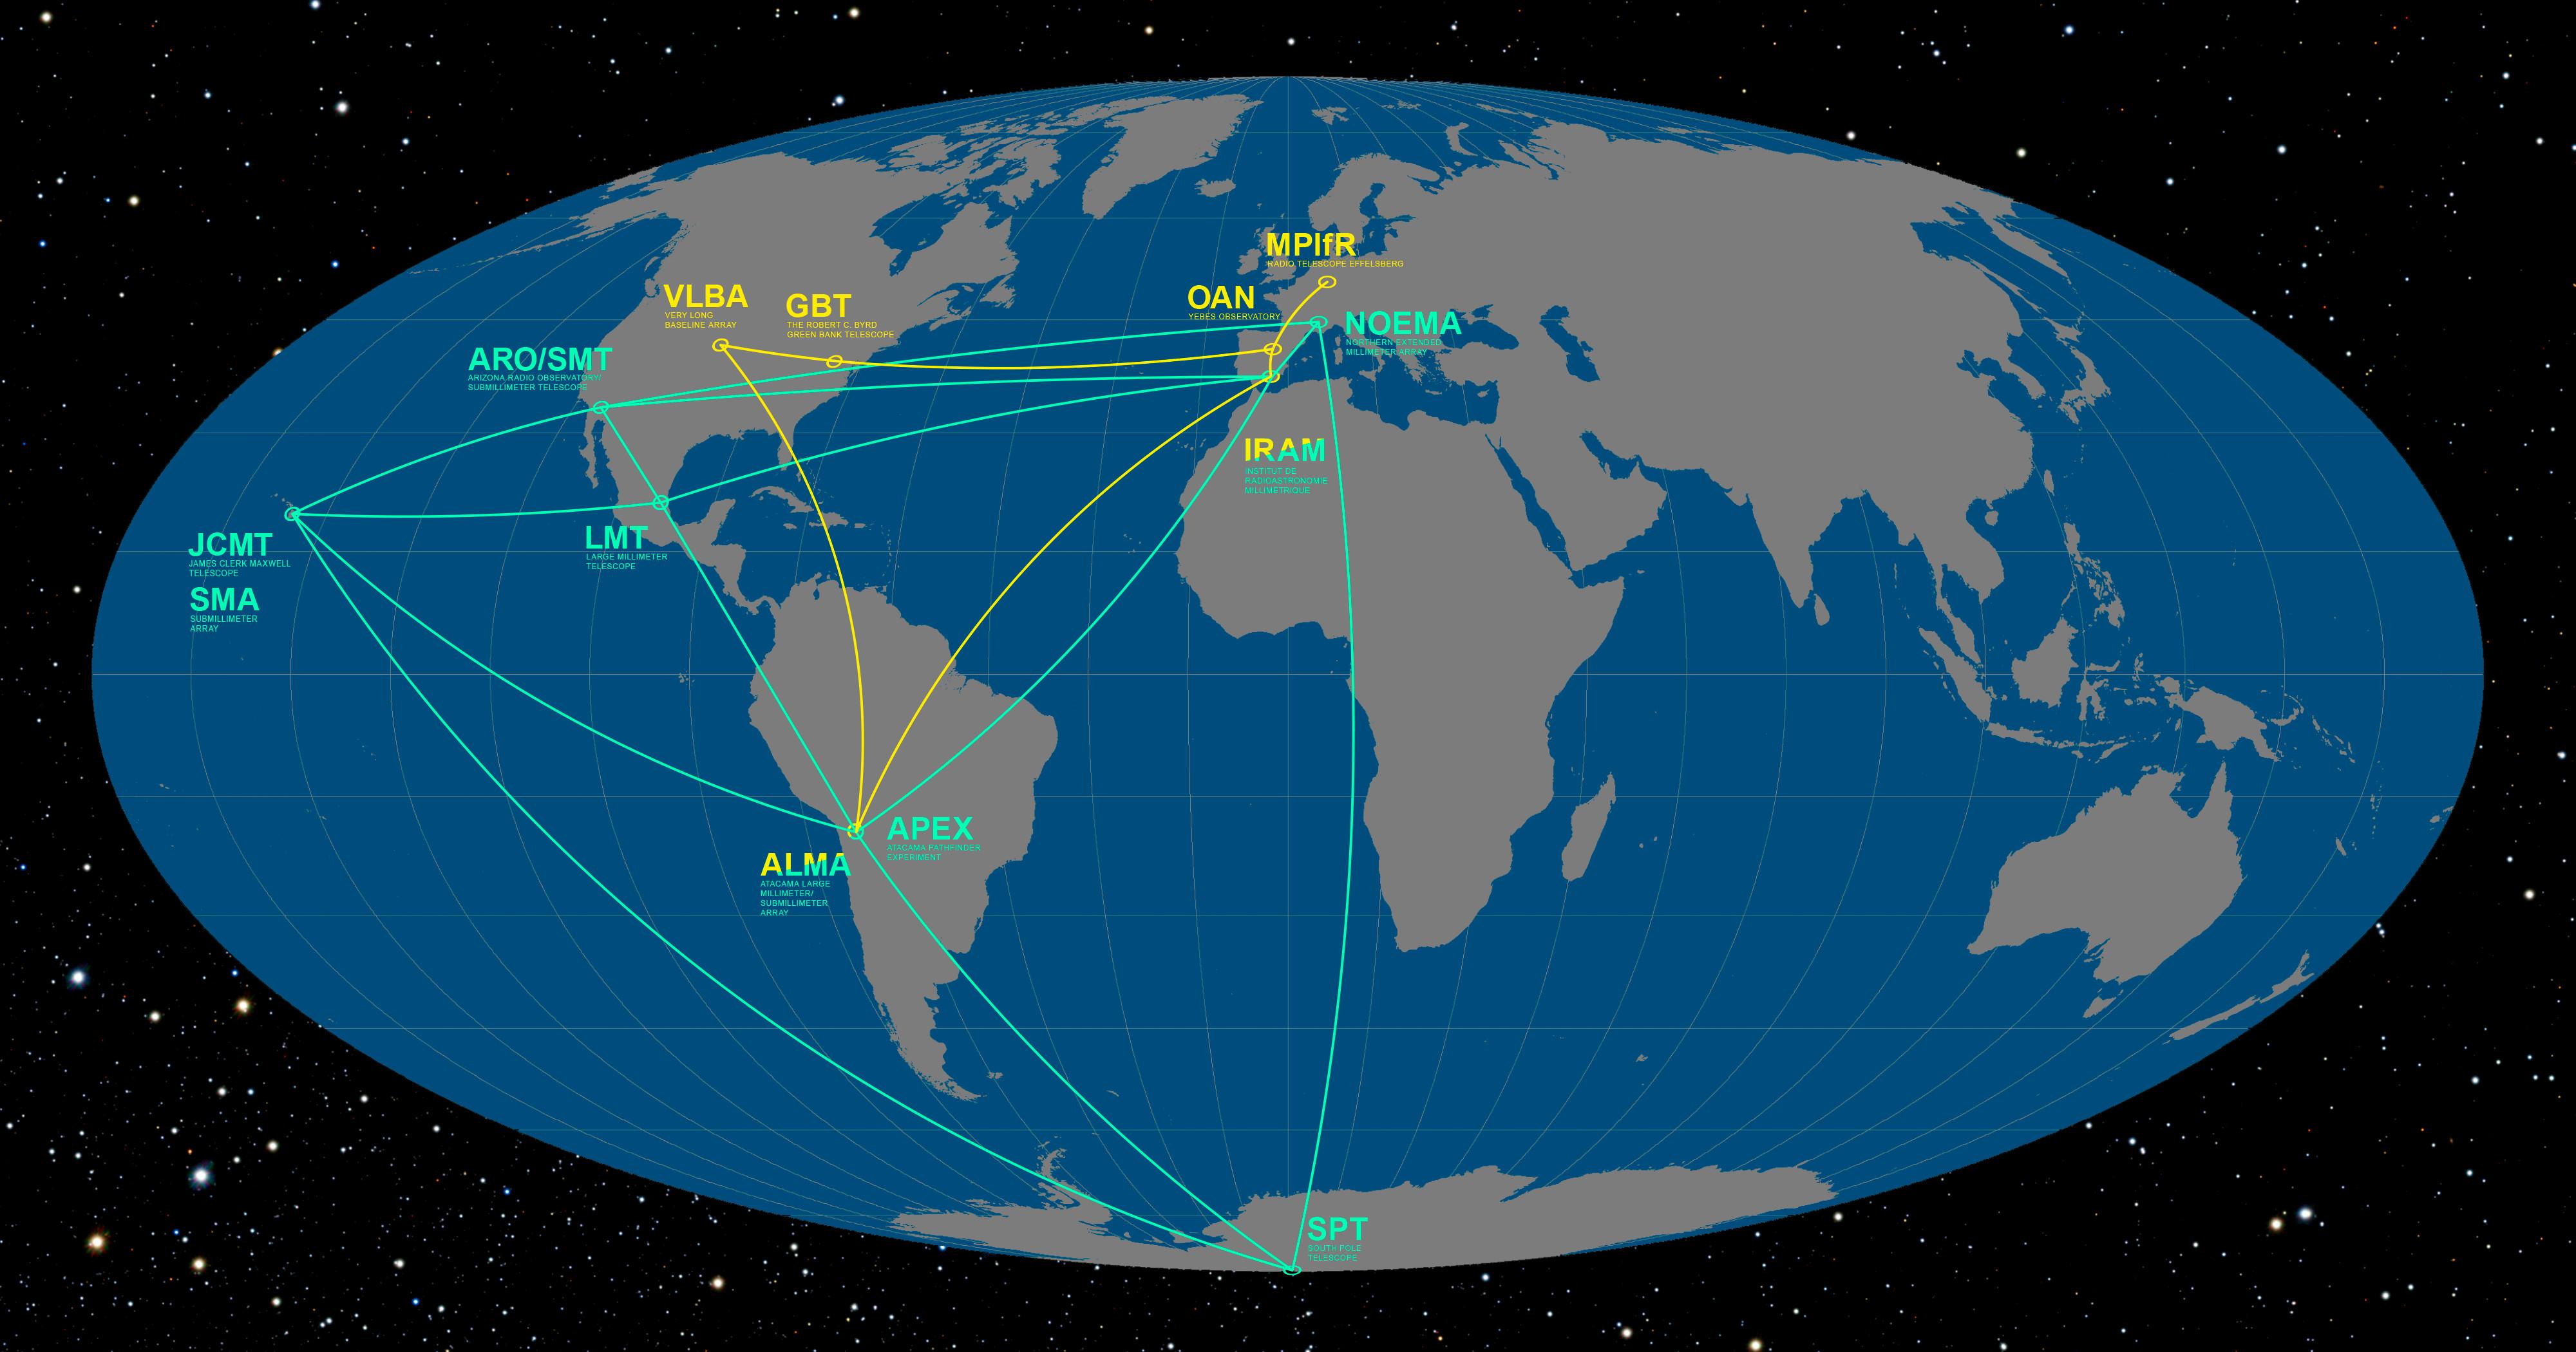 EHTとGMVAに参加する望遠鏡。これらをつなぐことで、地球の西半球全体に匹敵する大きさの電波望遠鏡を構成します。 Credit: ESO/O. Furtak